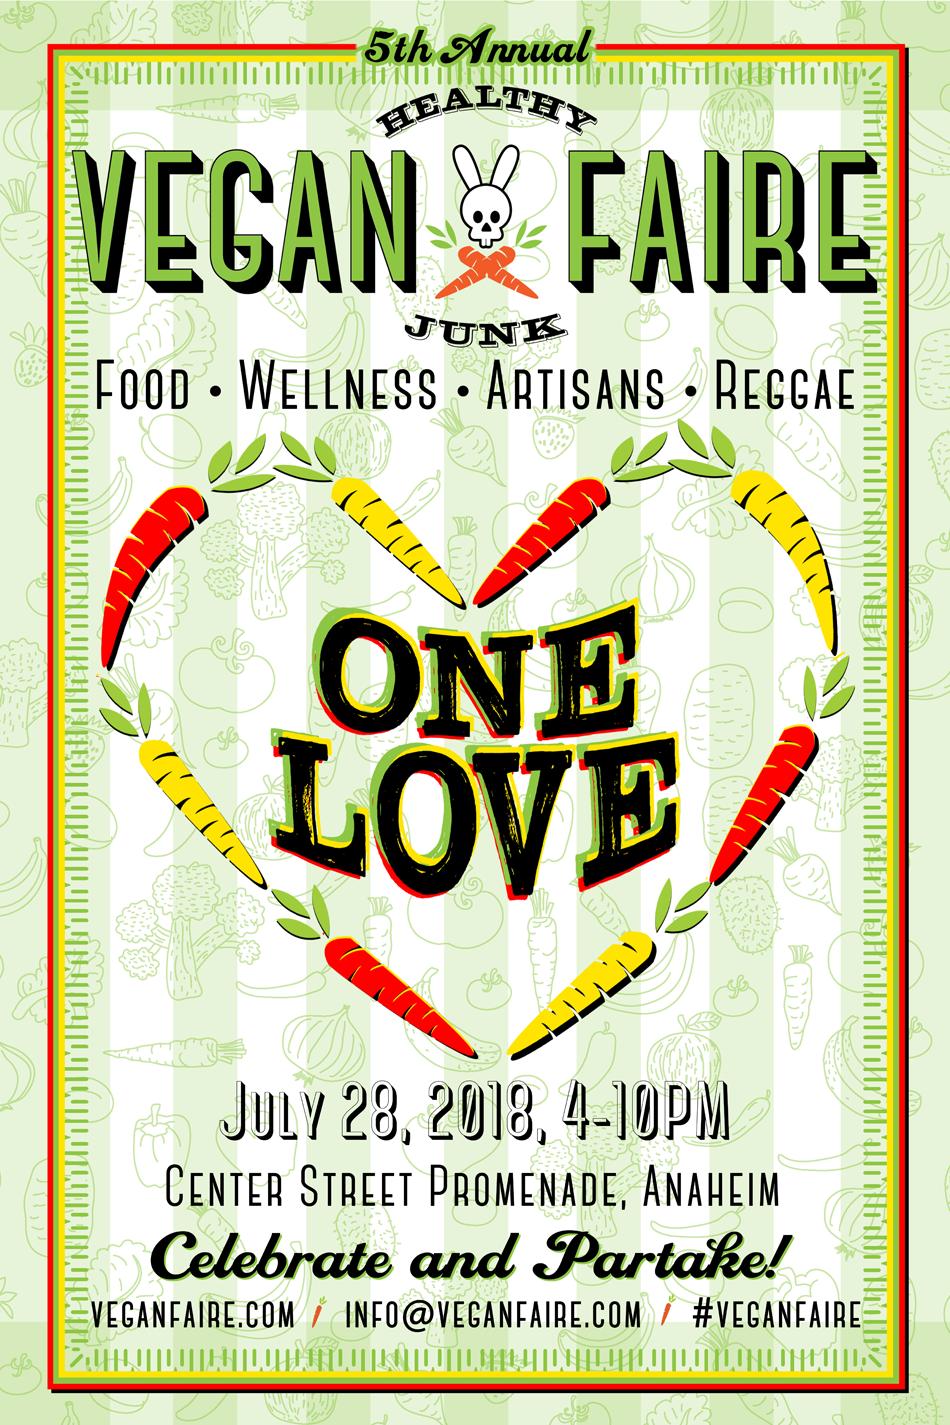 Vegan+Faire+Poster+2018+DR+web.png